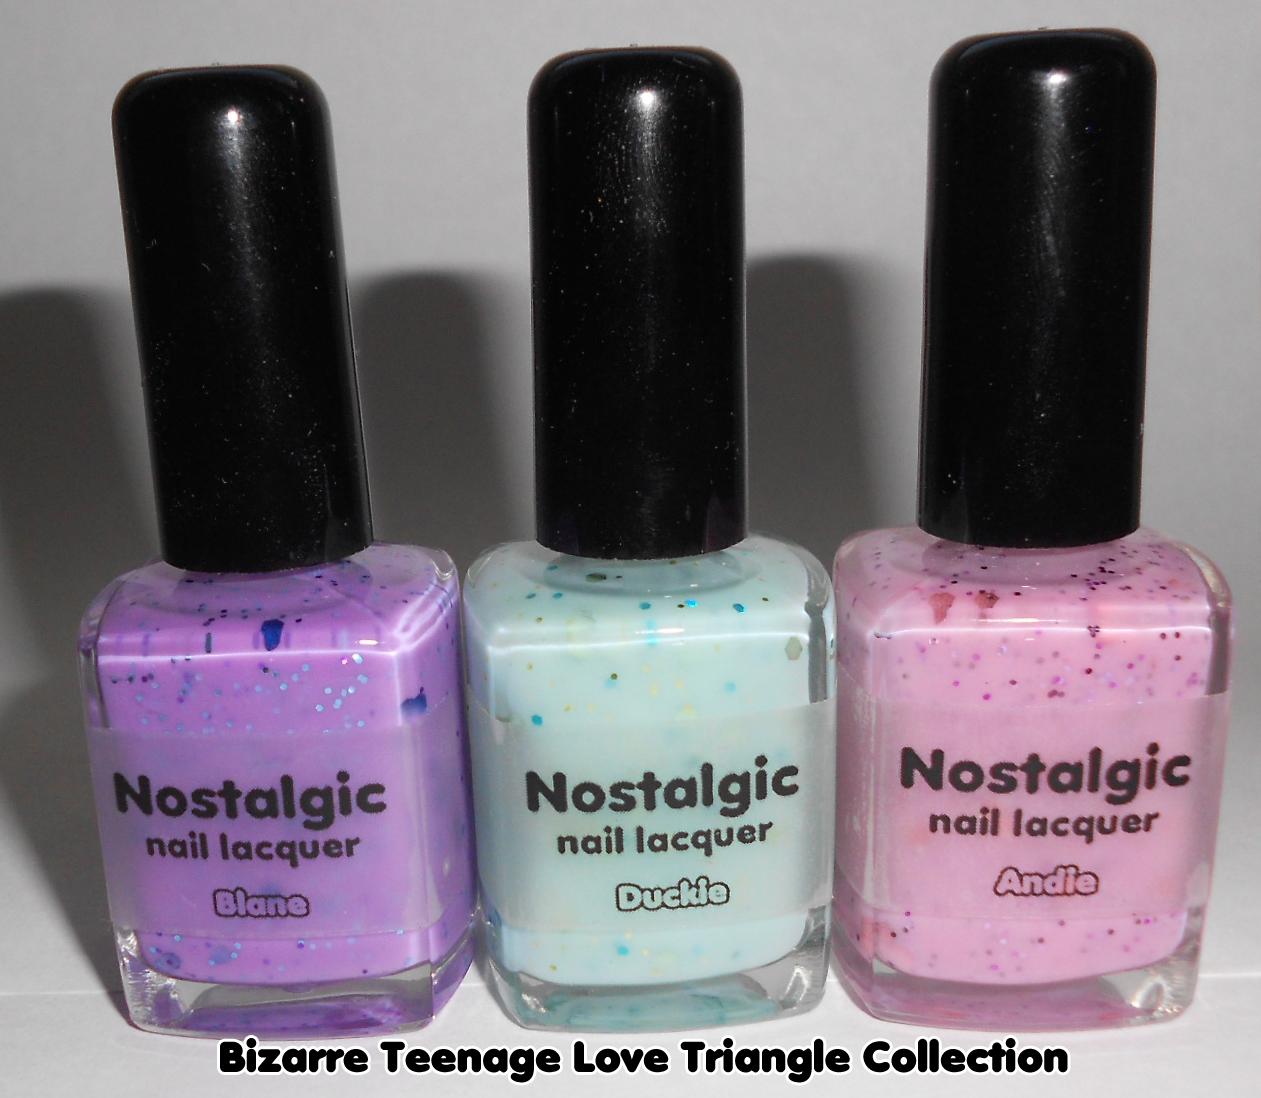 The Sugar Cube Nostalgic Nail Lacquer Bizarre Teenage Love